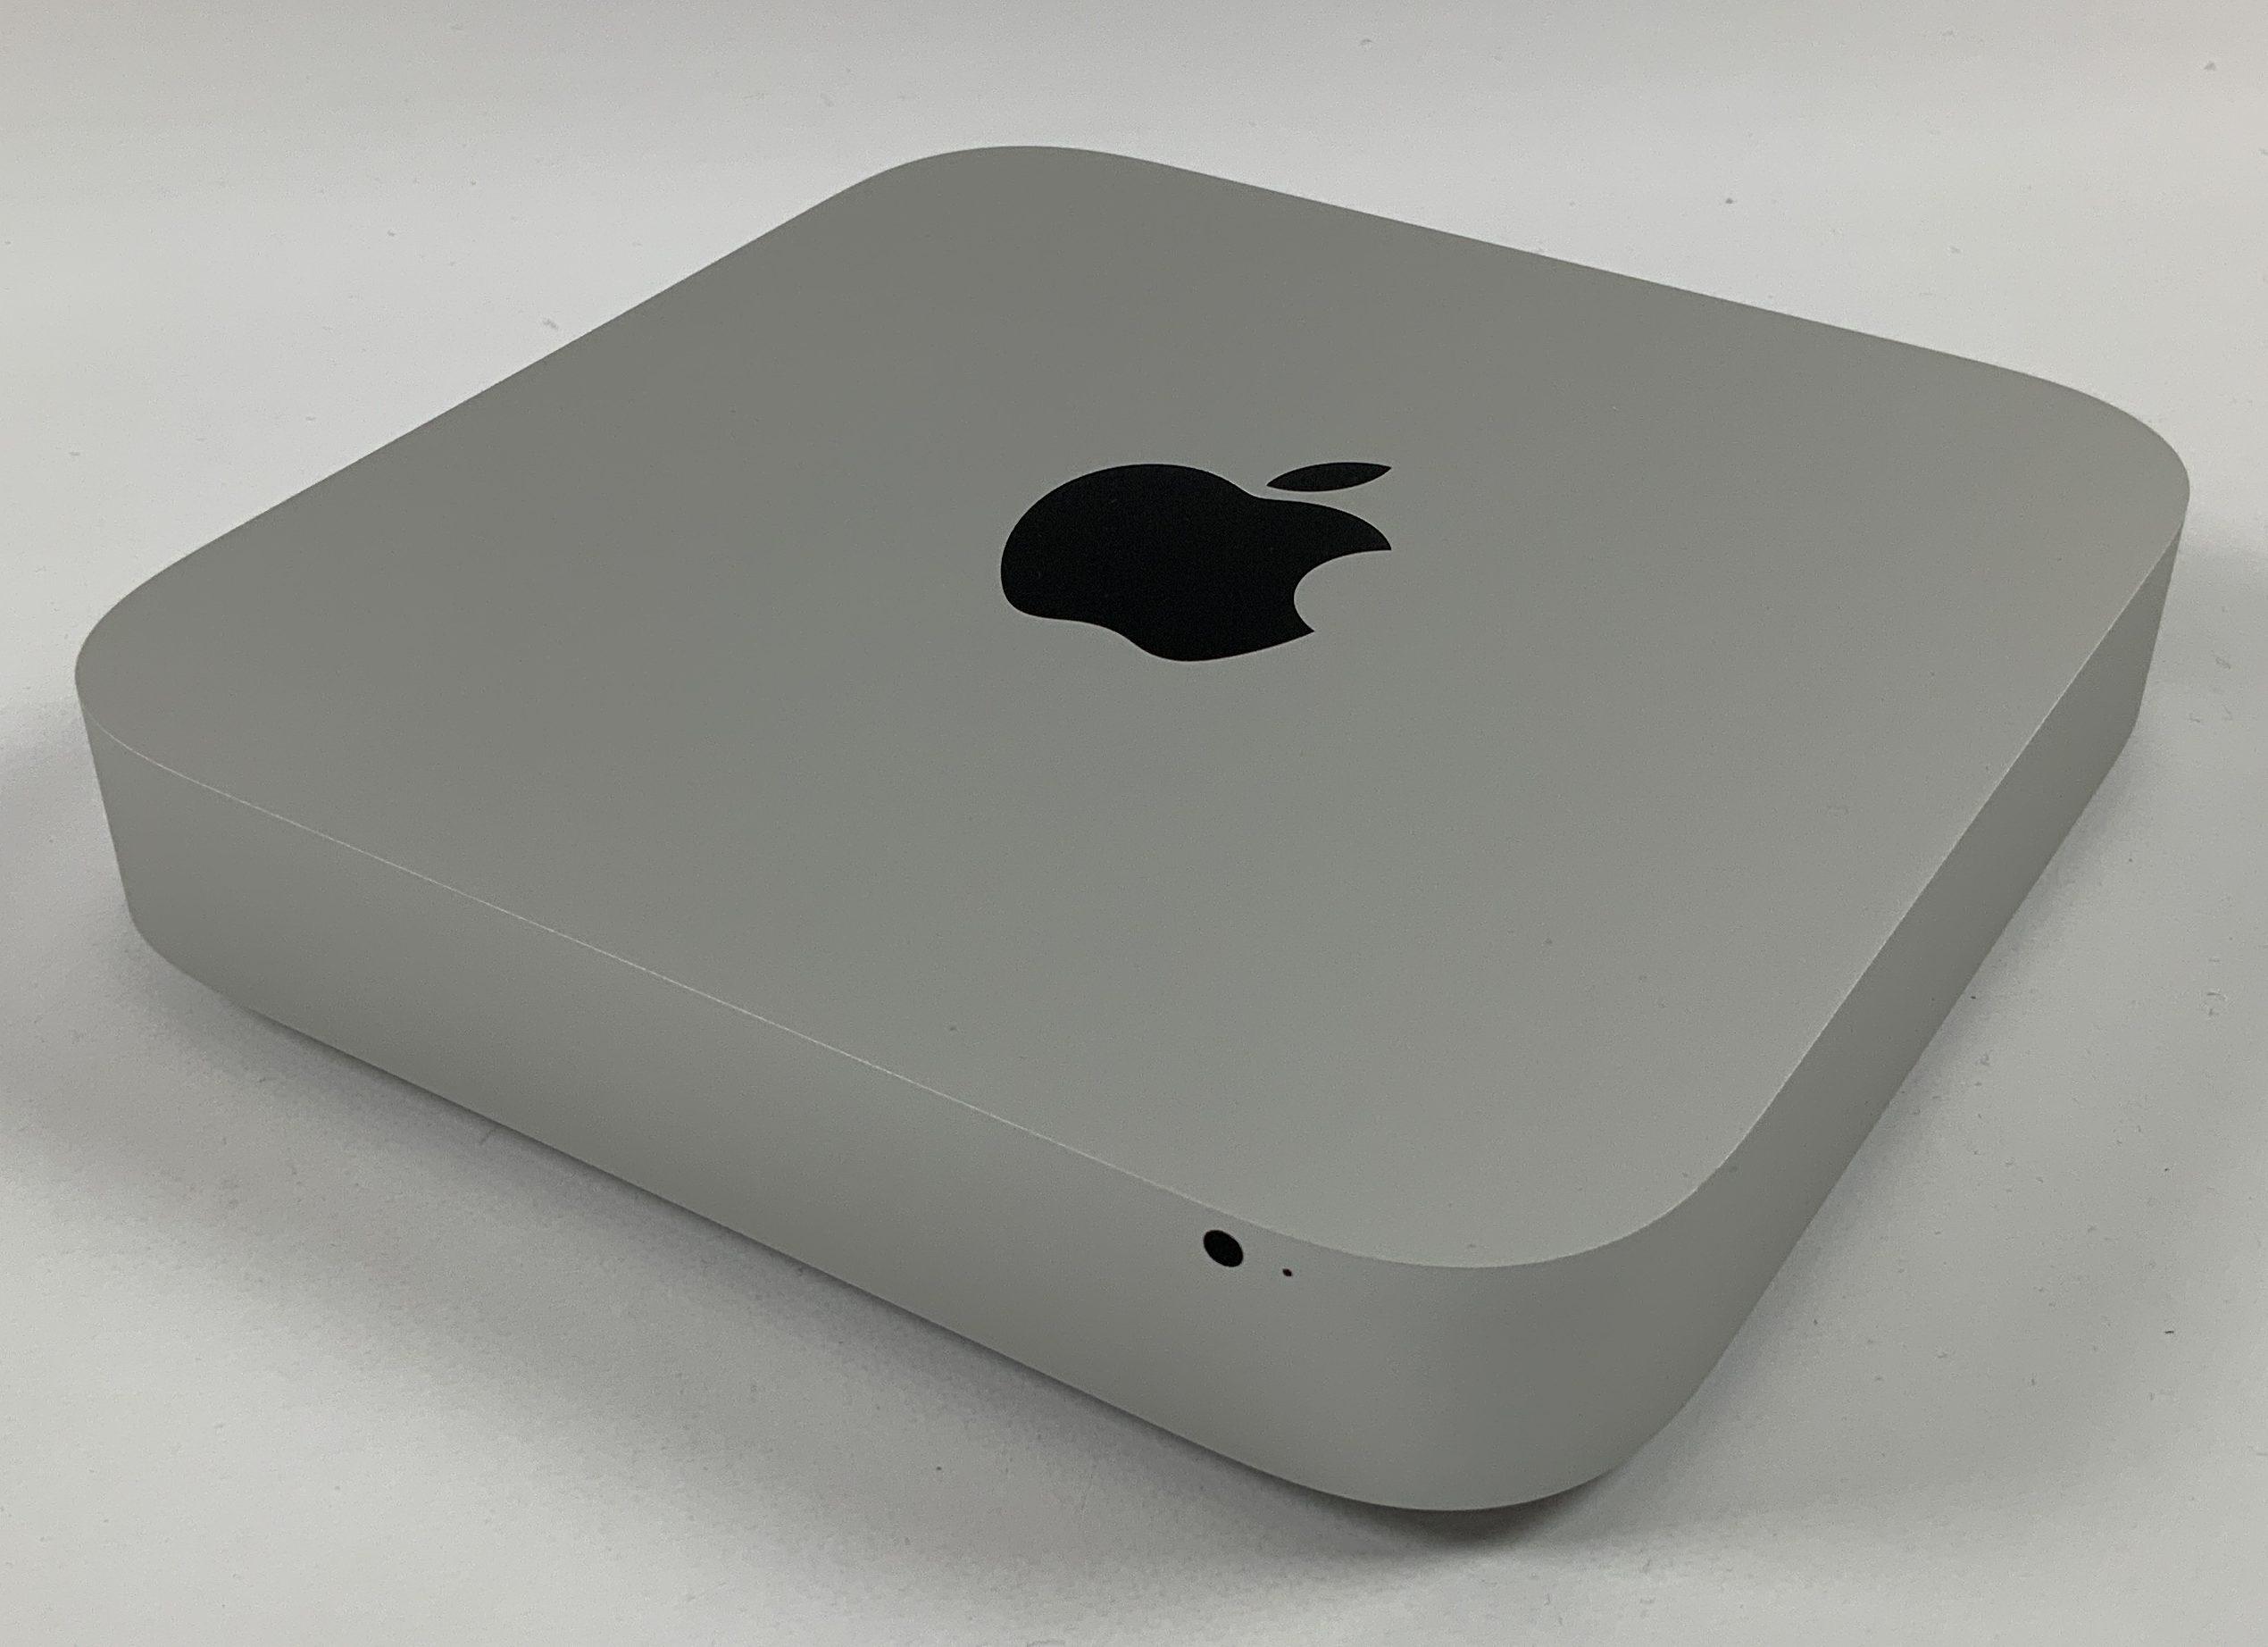 Mac Mini Late 2014 (Intel Core i5 2.6 GHz 8 GB RAM 1 TB HDD), Intel Core i5 2.6 GHz, 8 GB RAM, 1 TB HDD, Kuva 4